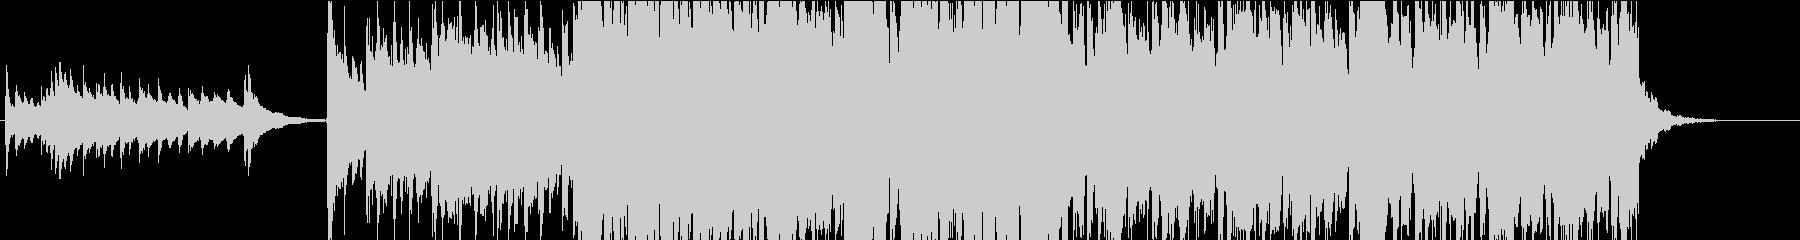 琴の音色が印象的な切ない和風インストの未再生の波形